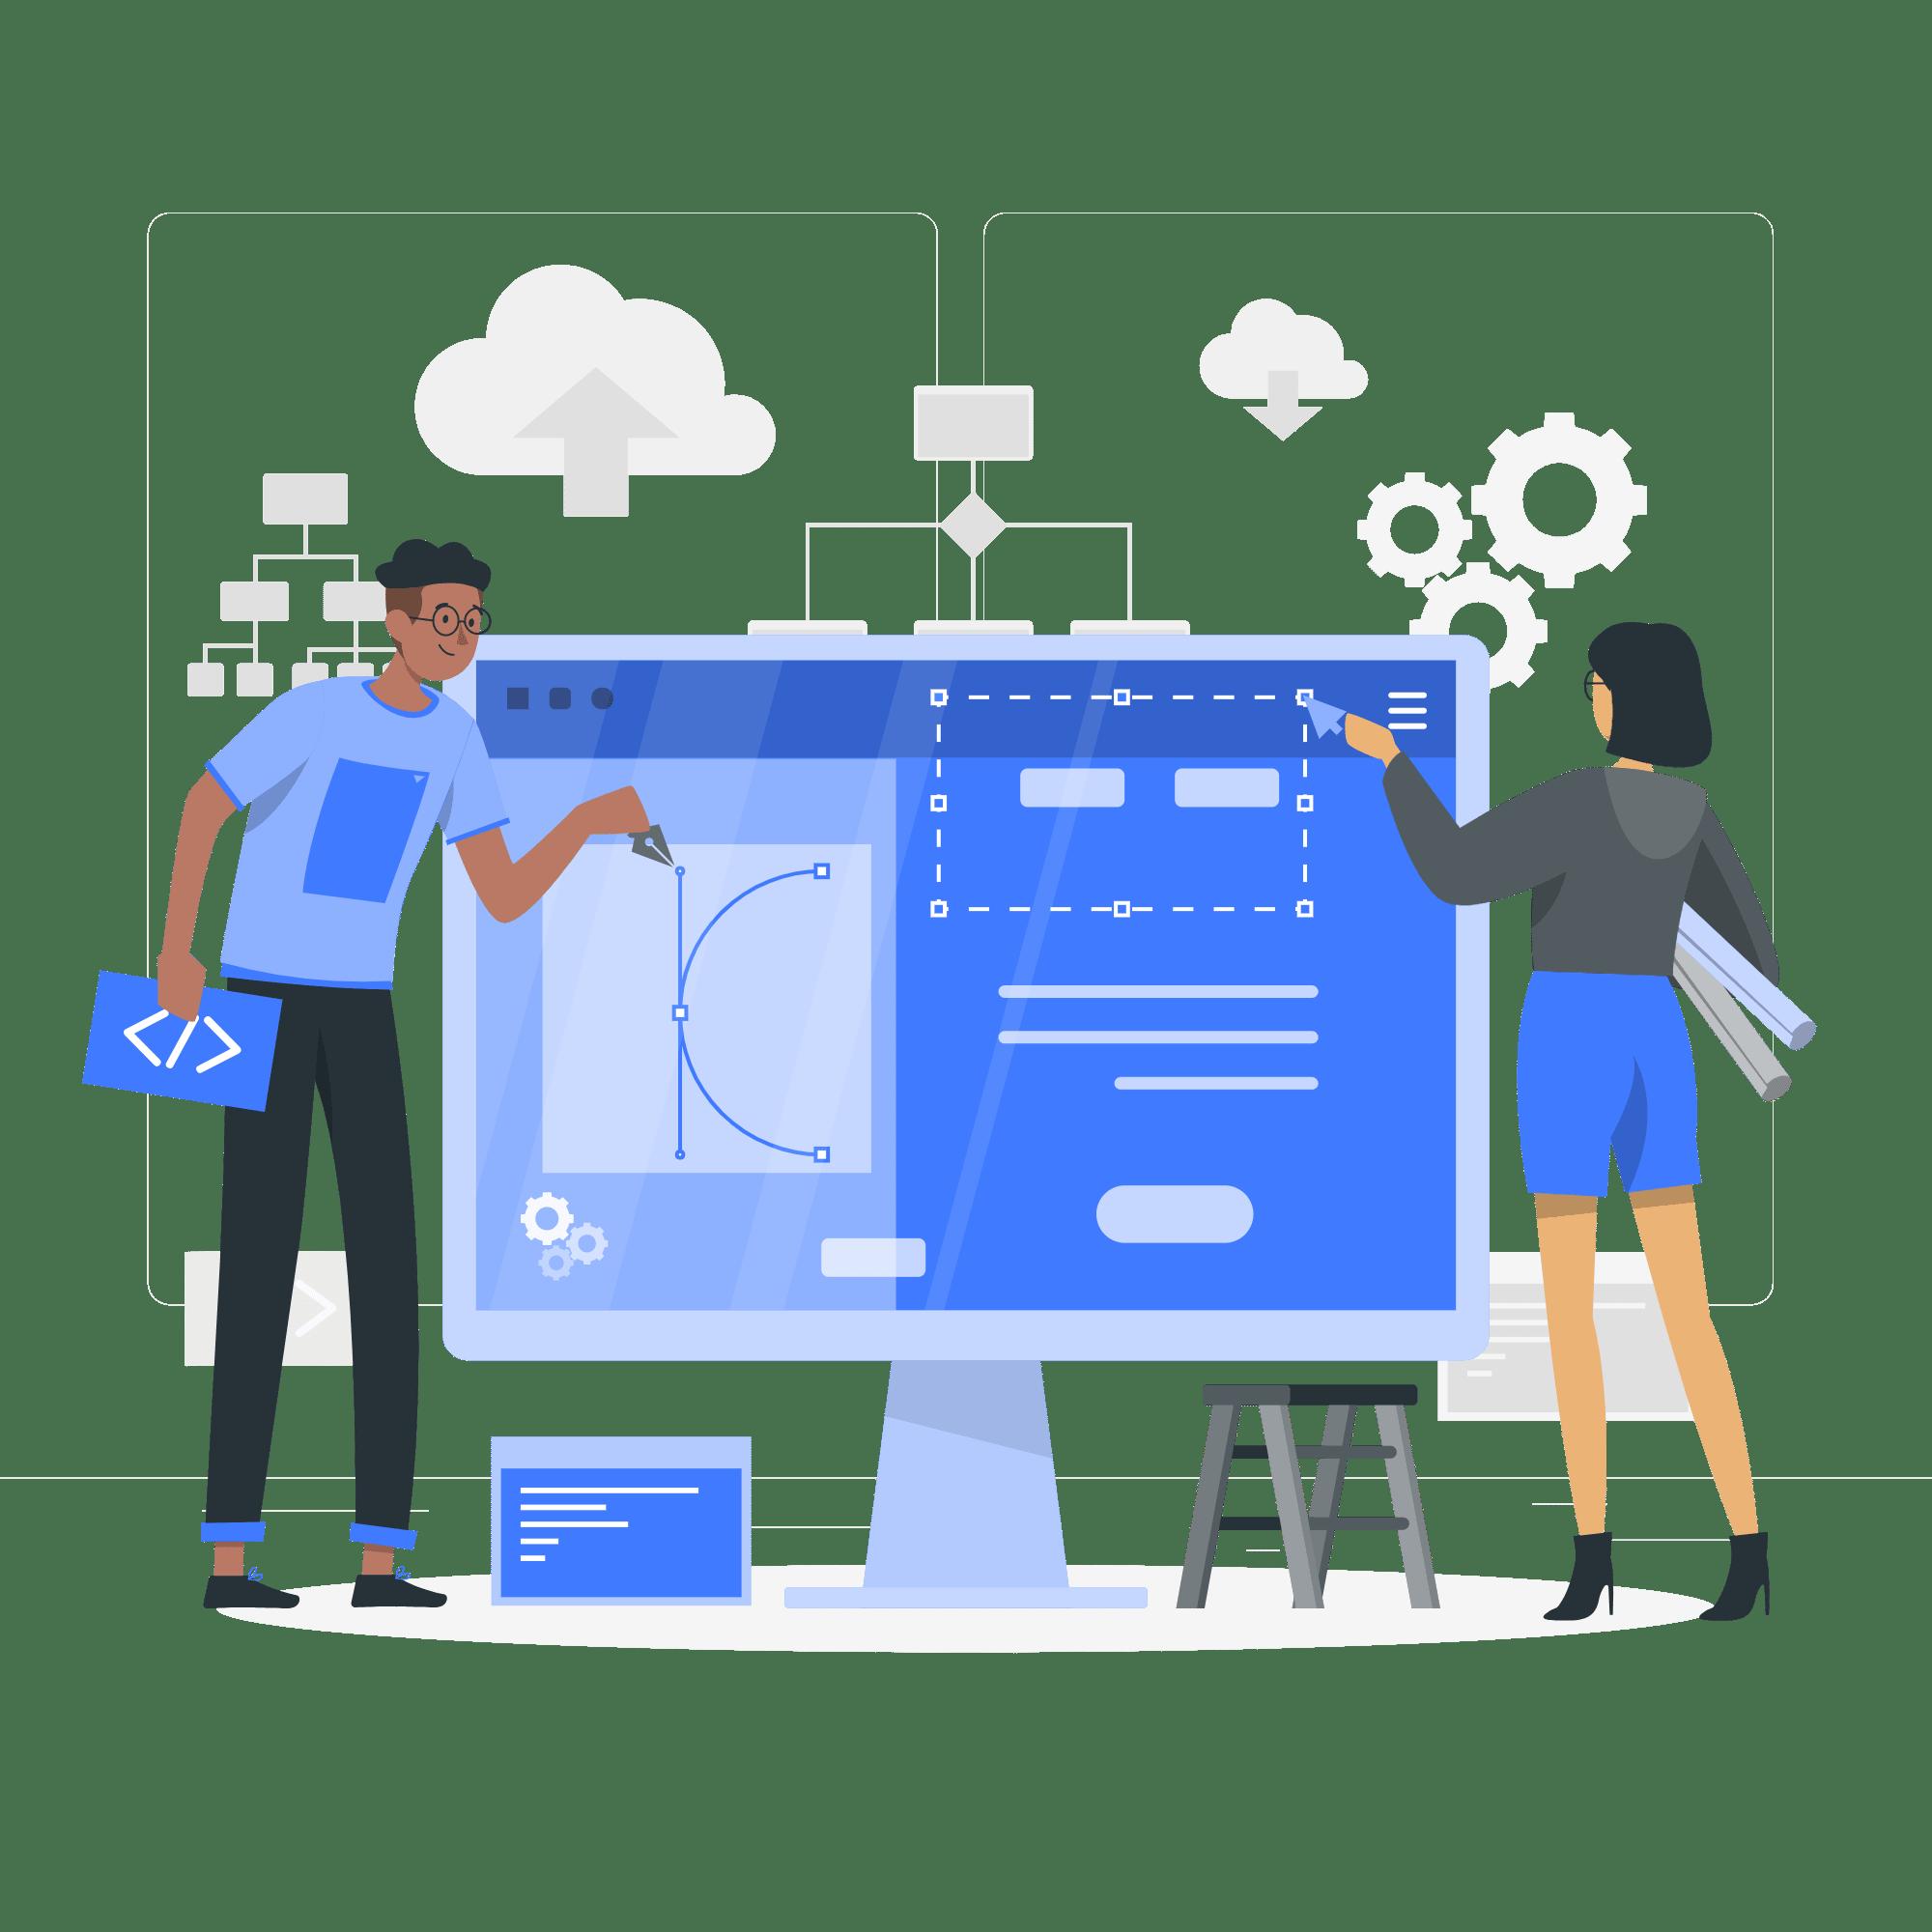 طراح سایت چه کاری انجام می دهد؟